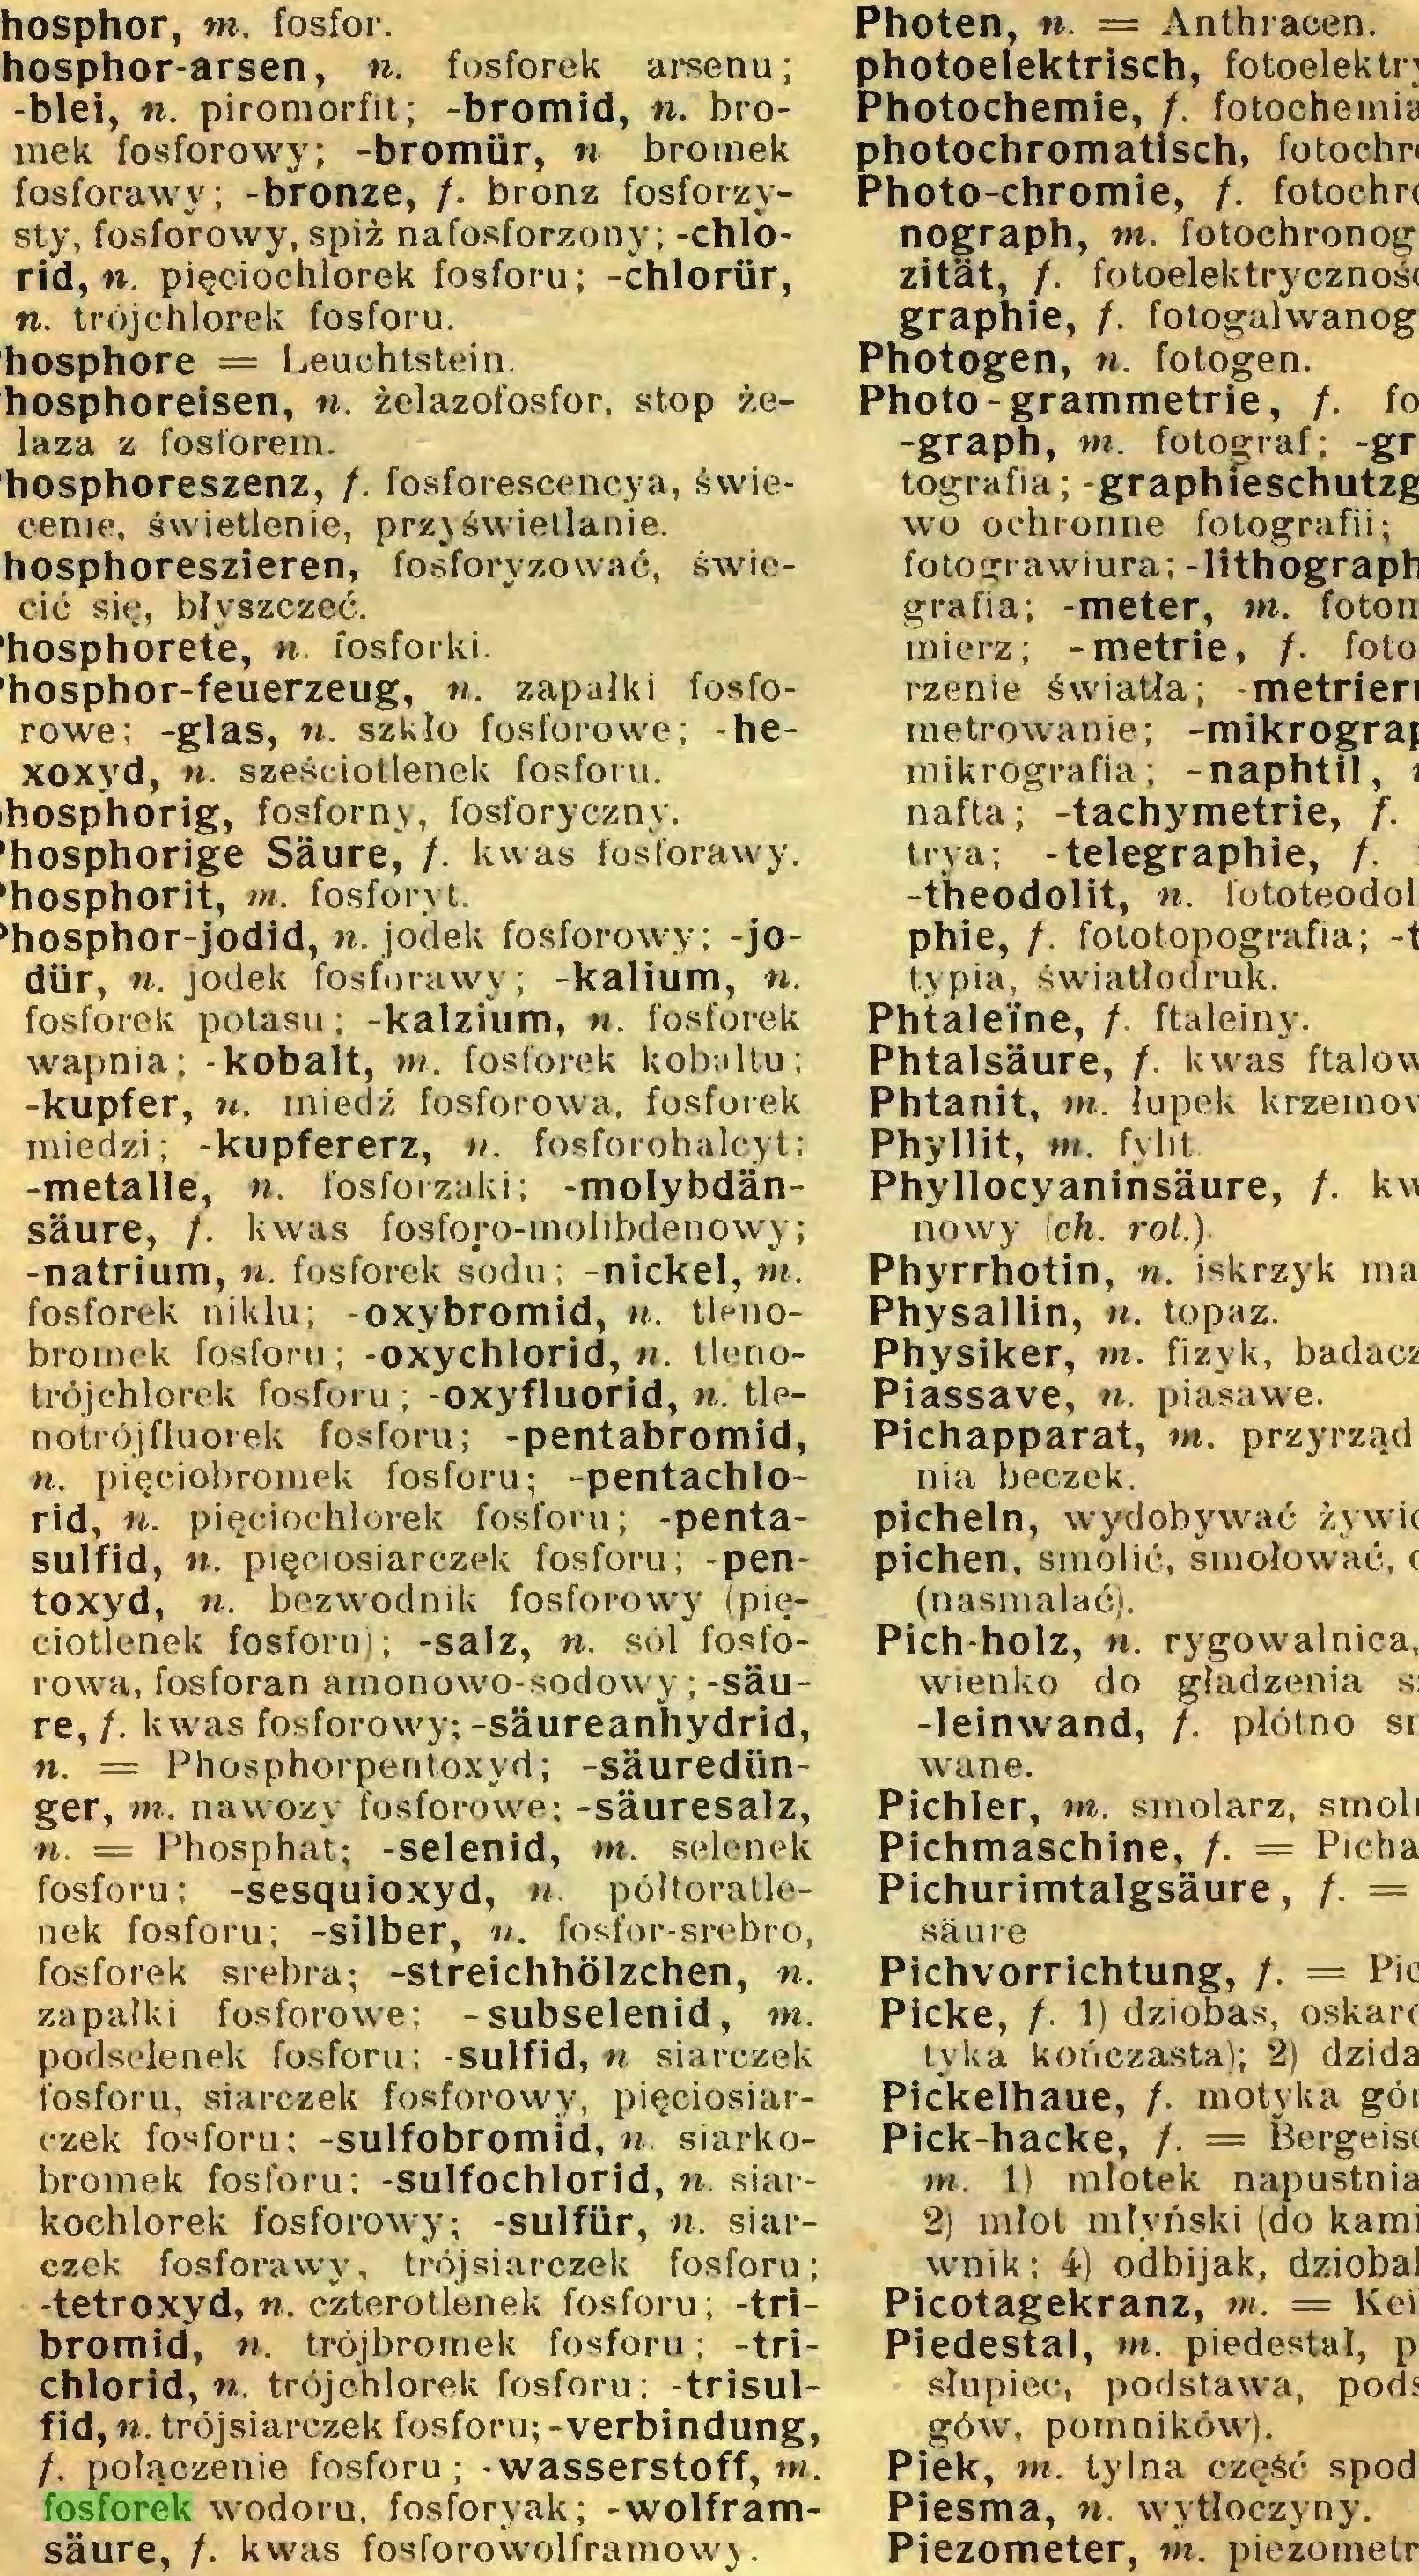 (...) fosforek wodoru, fosforyak; -wolframsäure, /. kwas fosforowolframowy. Photen, n. = Anthracen...